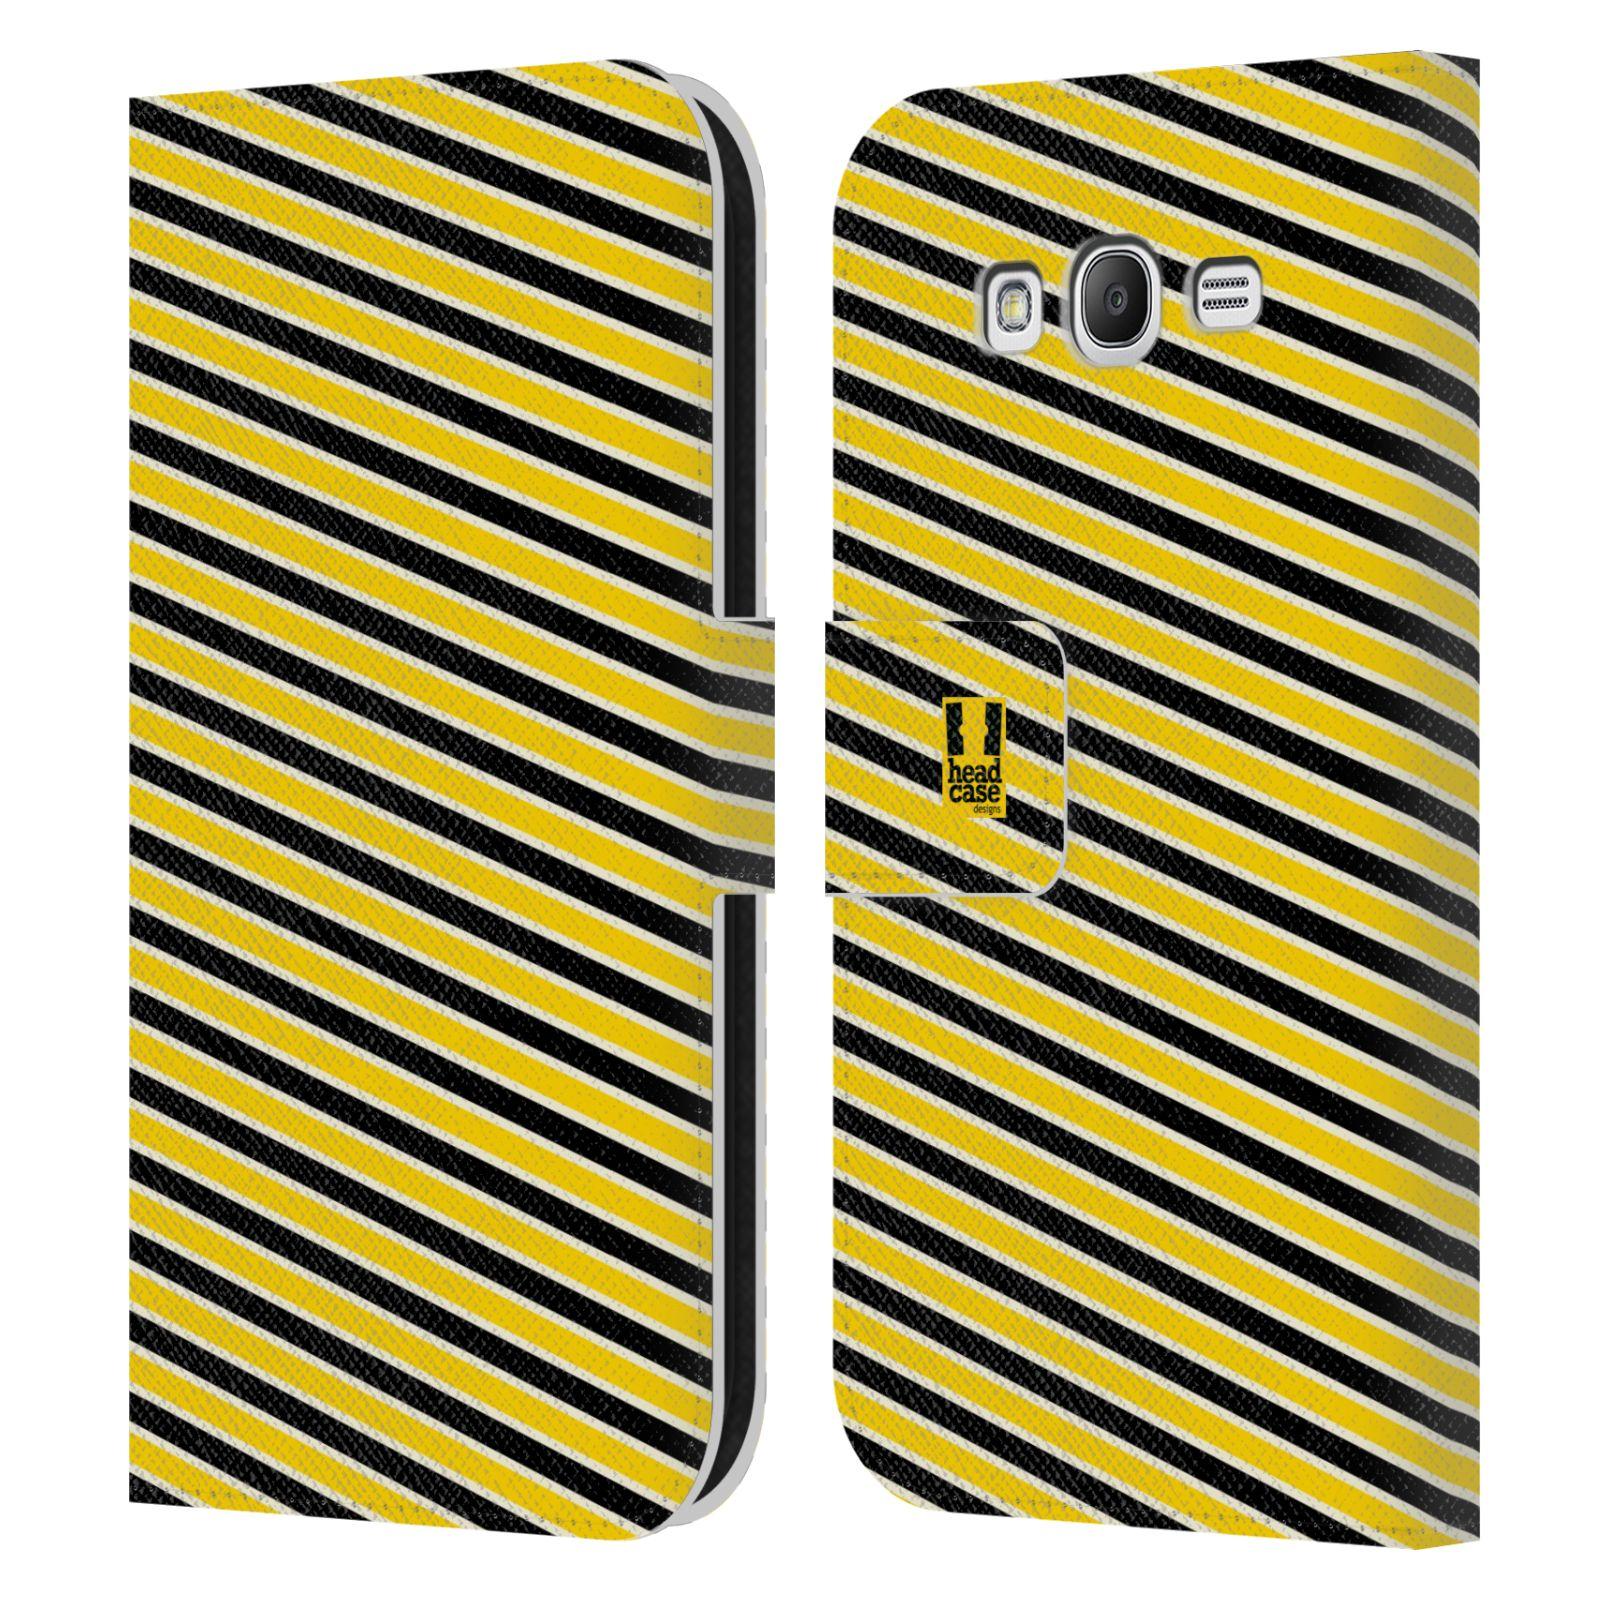 HEAD CASE Flipové pouzdro pro mobil Samsung Galaxy Grand i9080 VČELÍ VZOR pruhy žlutá a černá